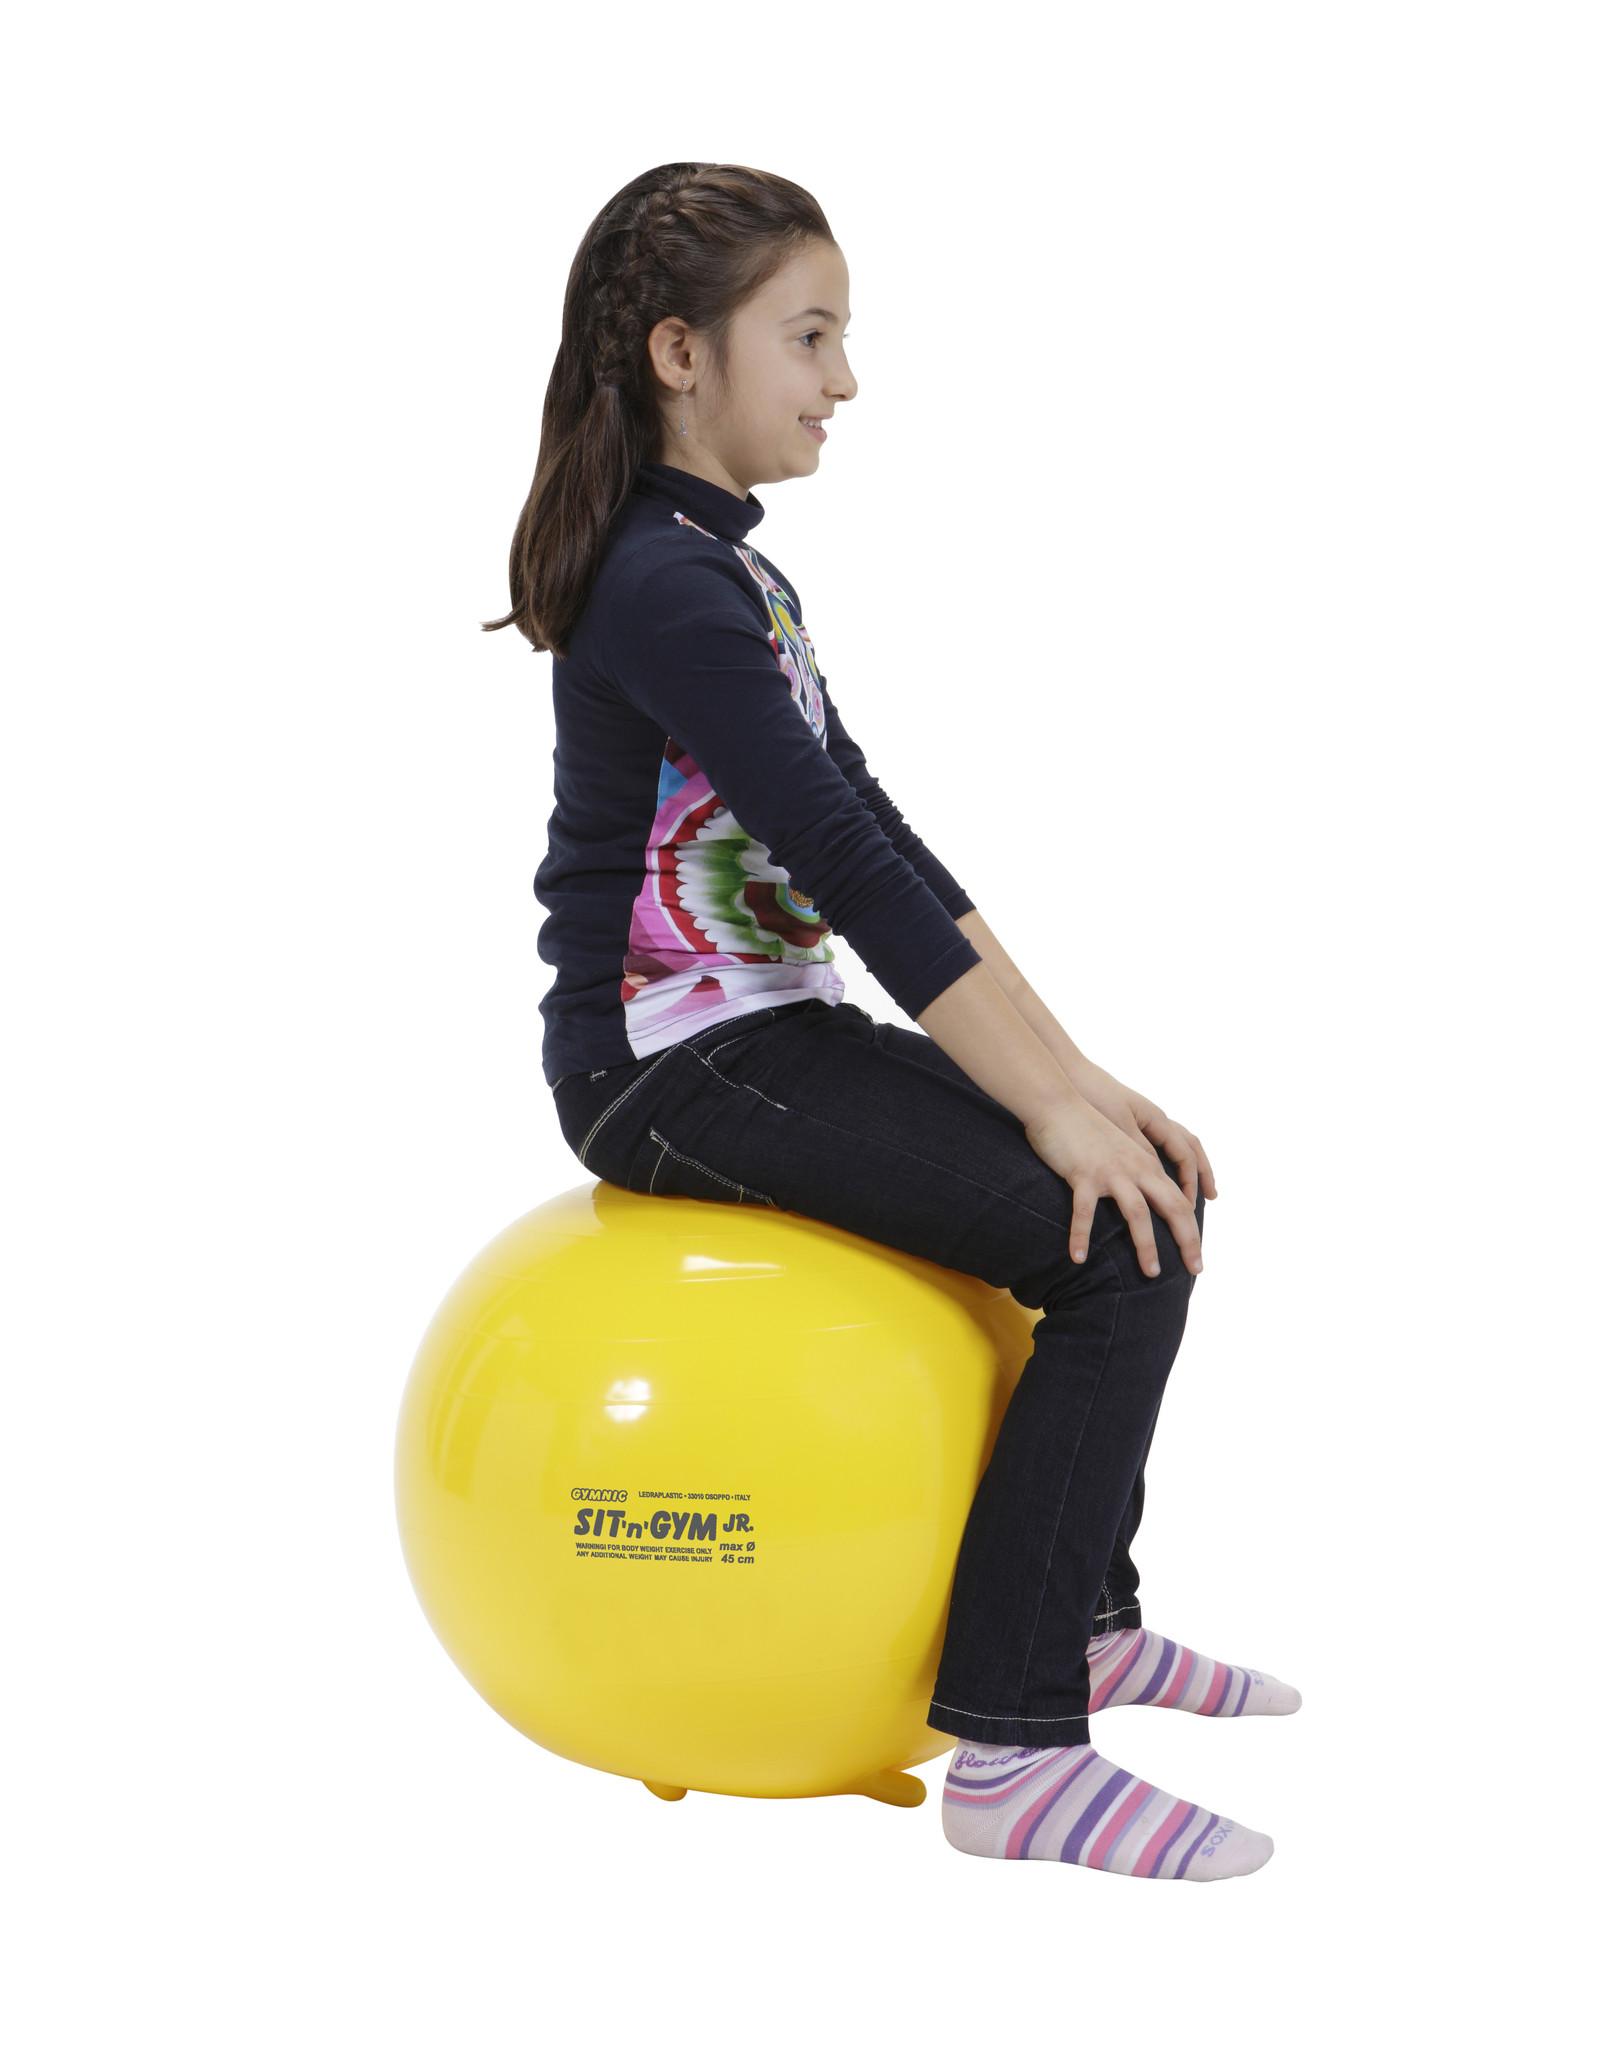 Gymnic Sit'n'Gym Jr. 45 / Y